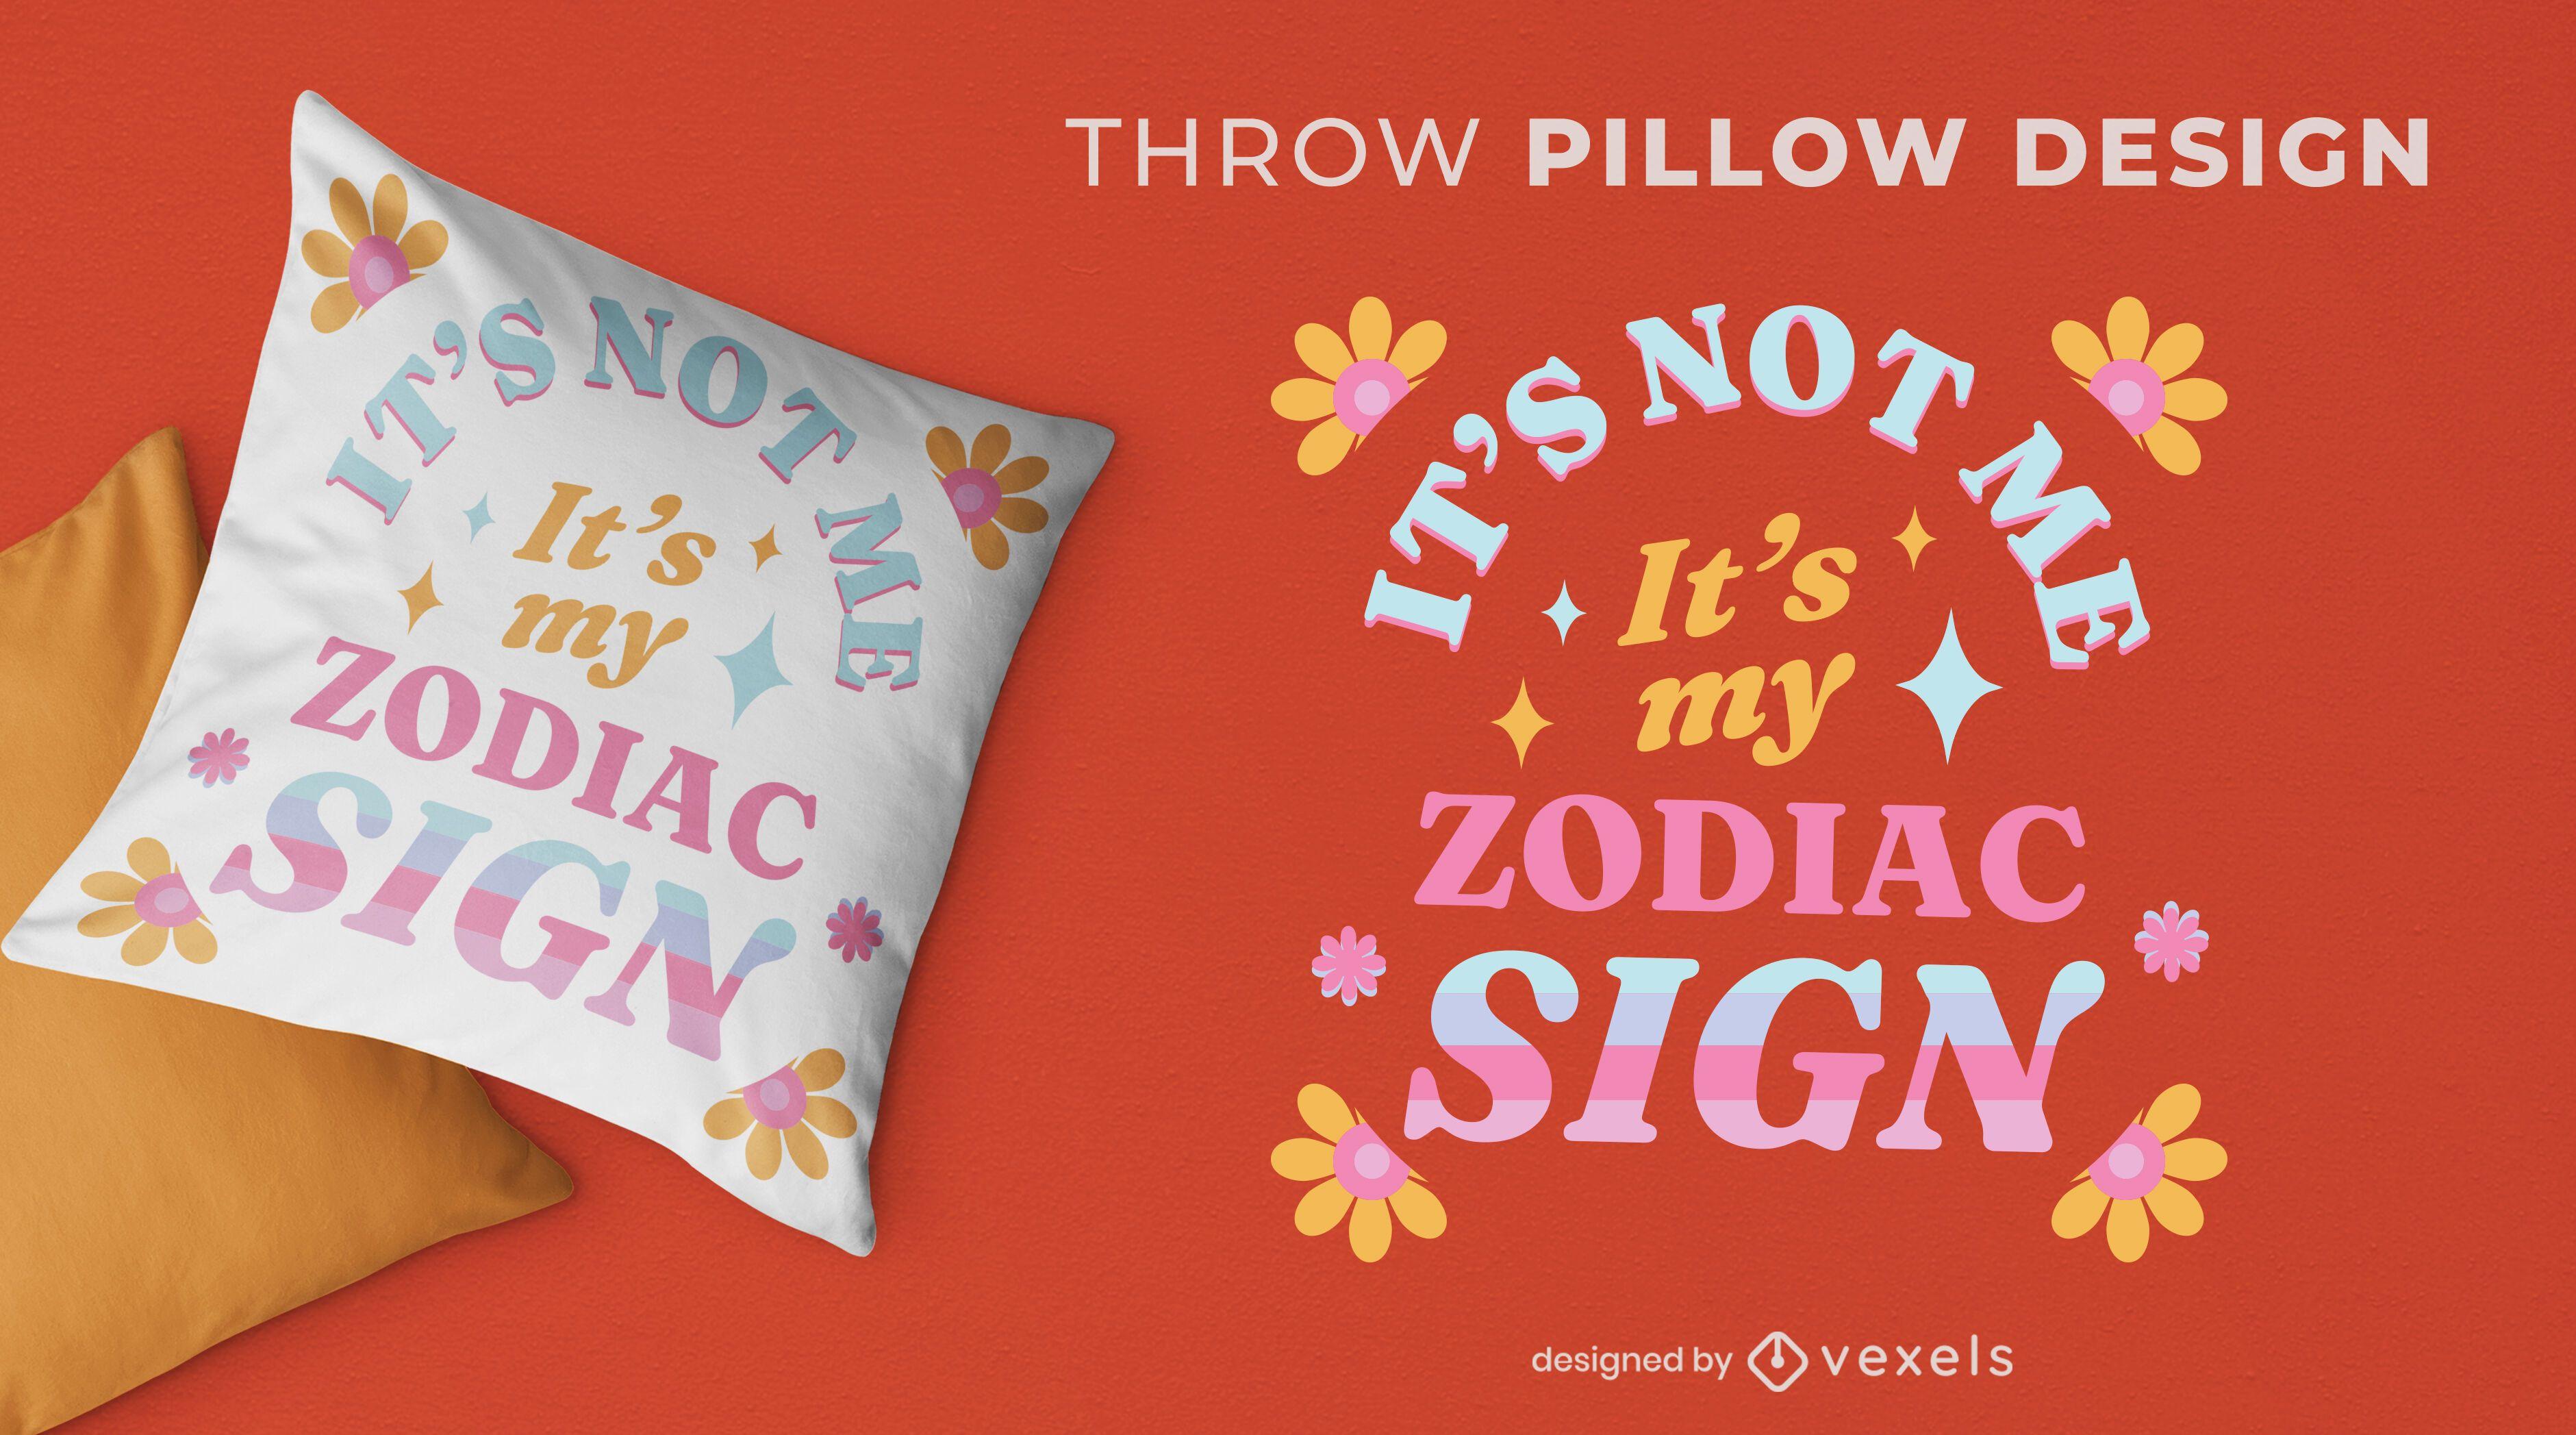 Design de almofada floral retro com signo do zodíaco